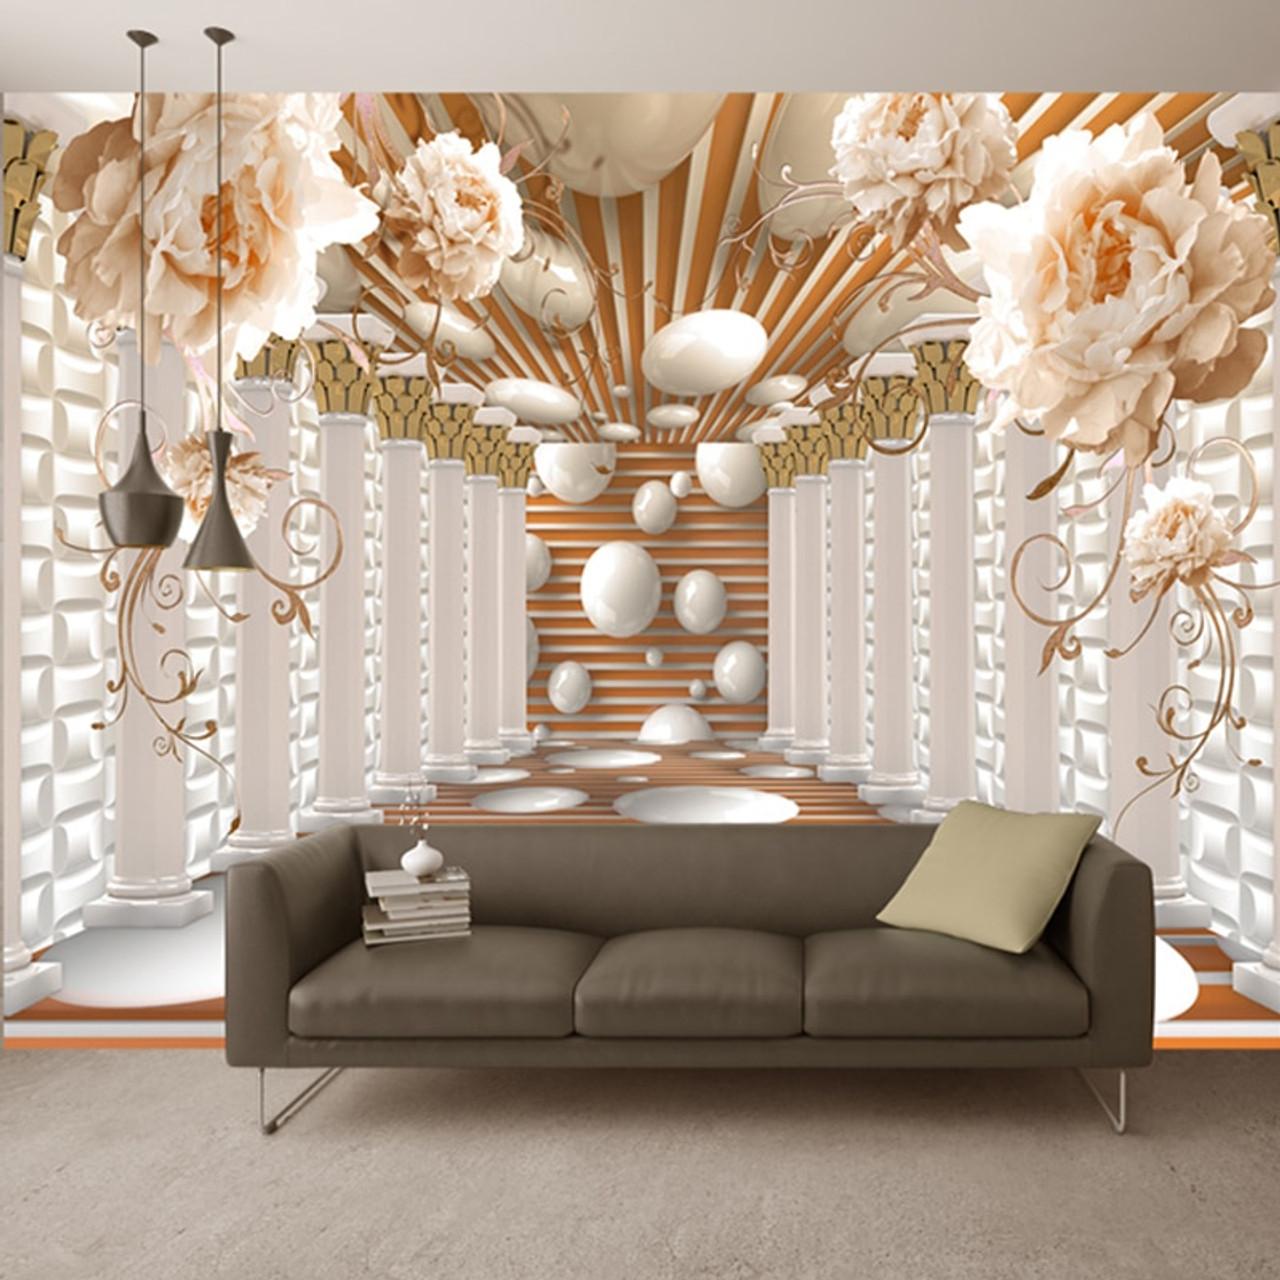 3D Wallpaper Modern Abstract Art Rome Column Flower Photo ...